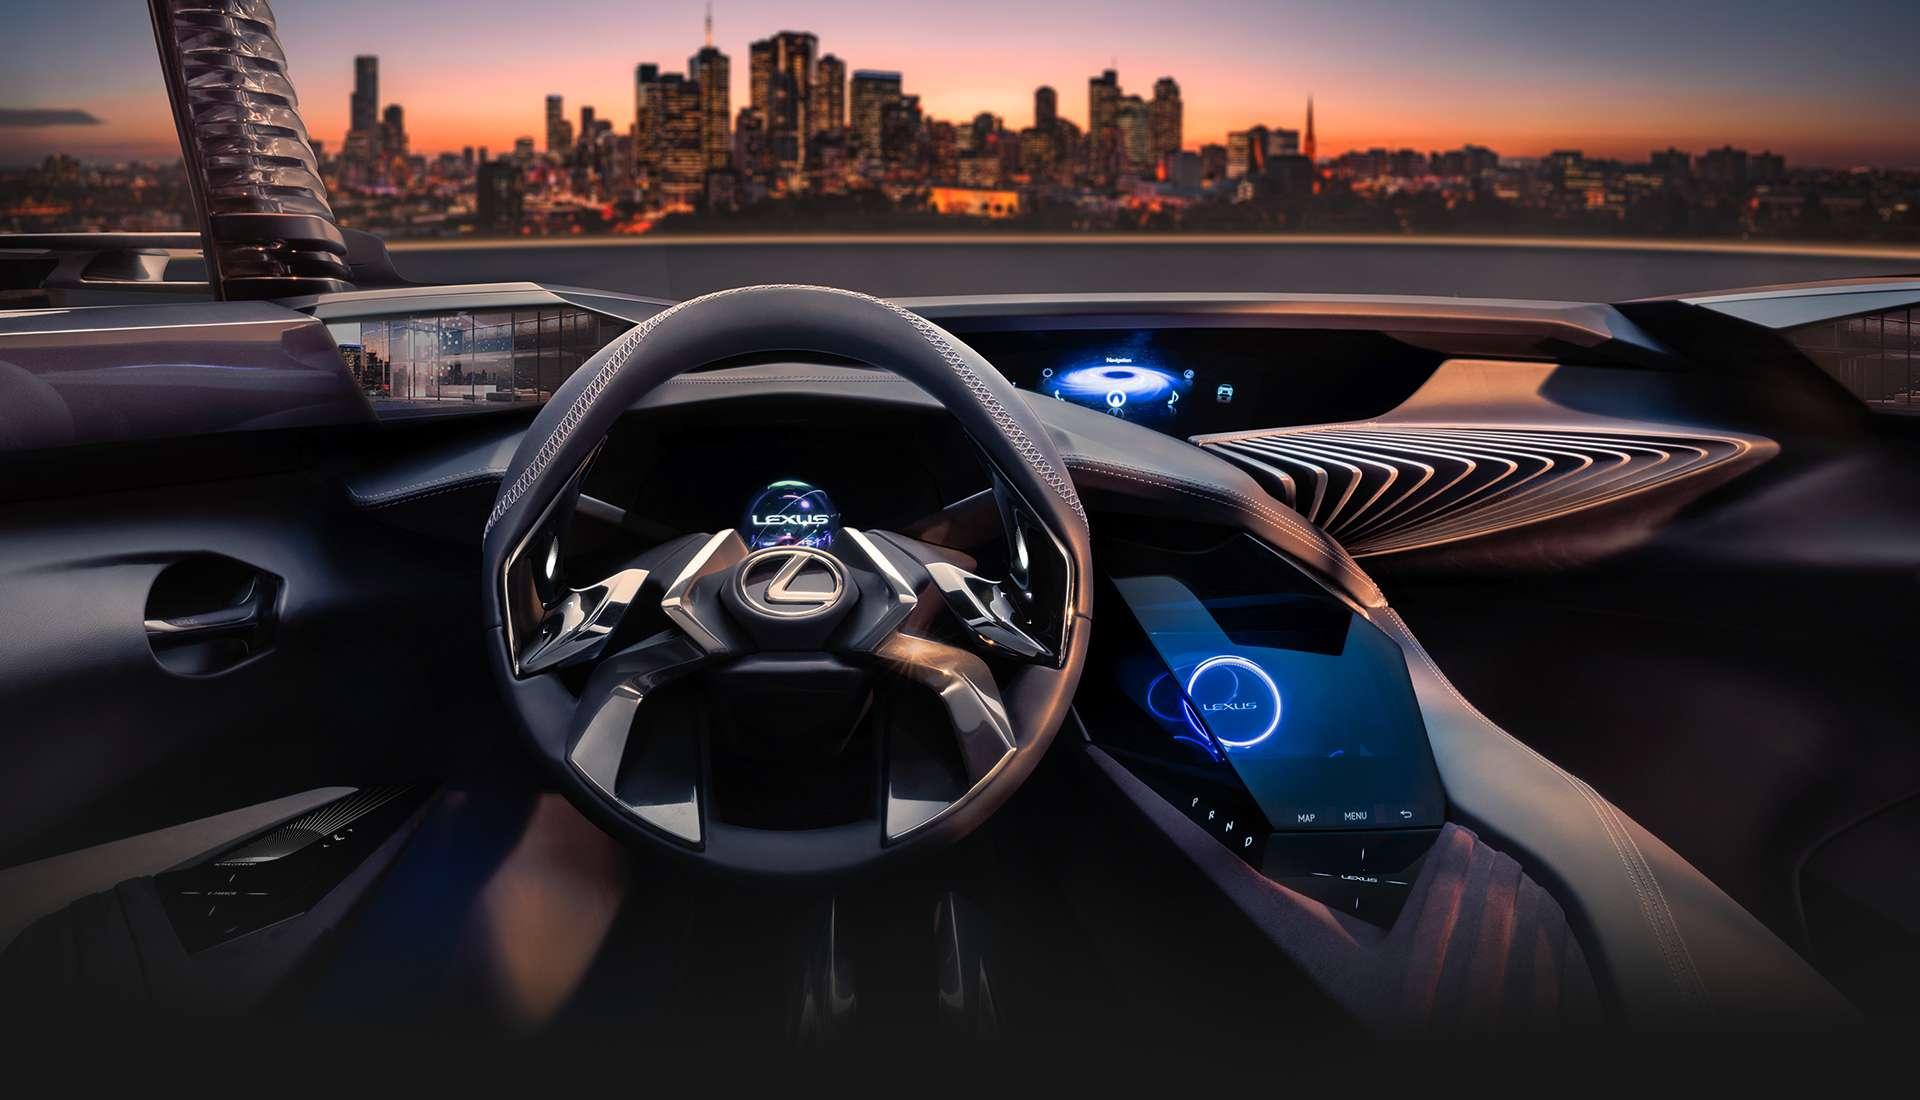 Interni di una Lexus UX concept car con il volante futuristico in primo piano